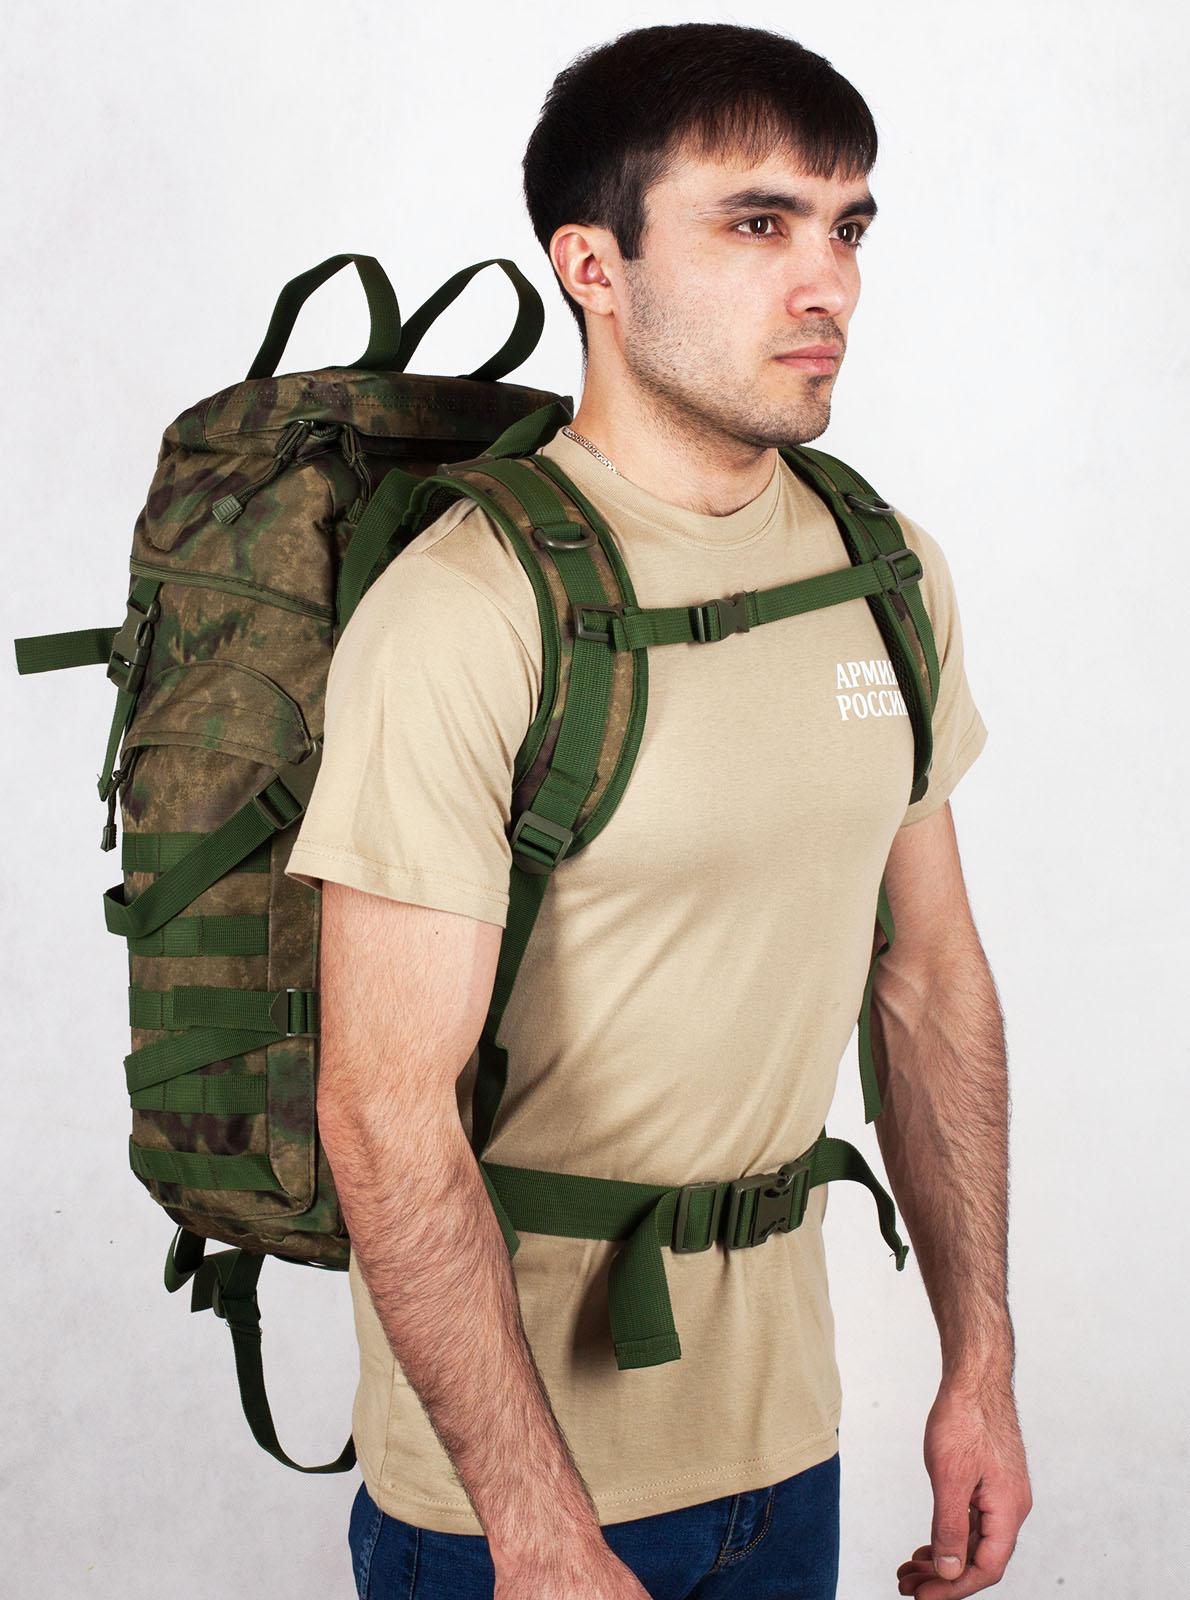 Охотничий заплечный рюкзак с нашивкой НИ ПУХА, НИ ПЕРА! - заказать онлайн